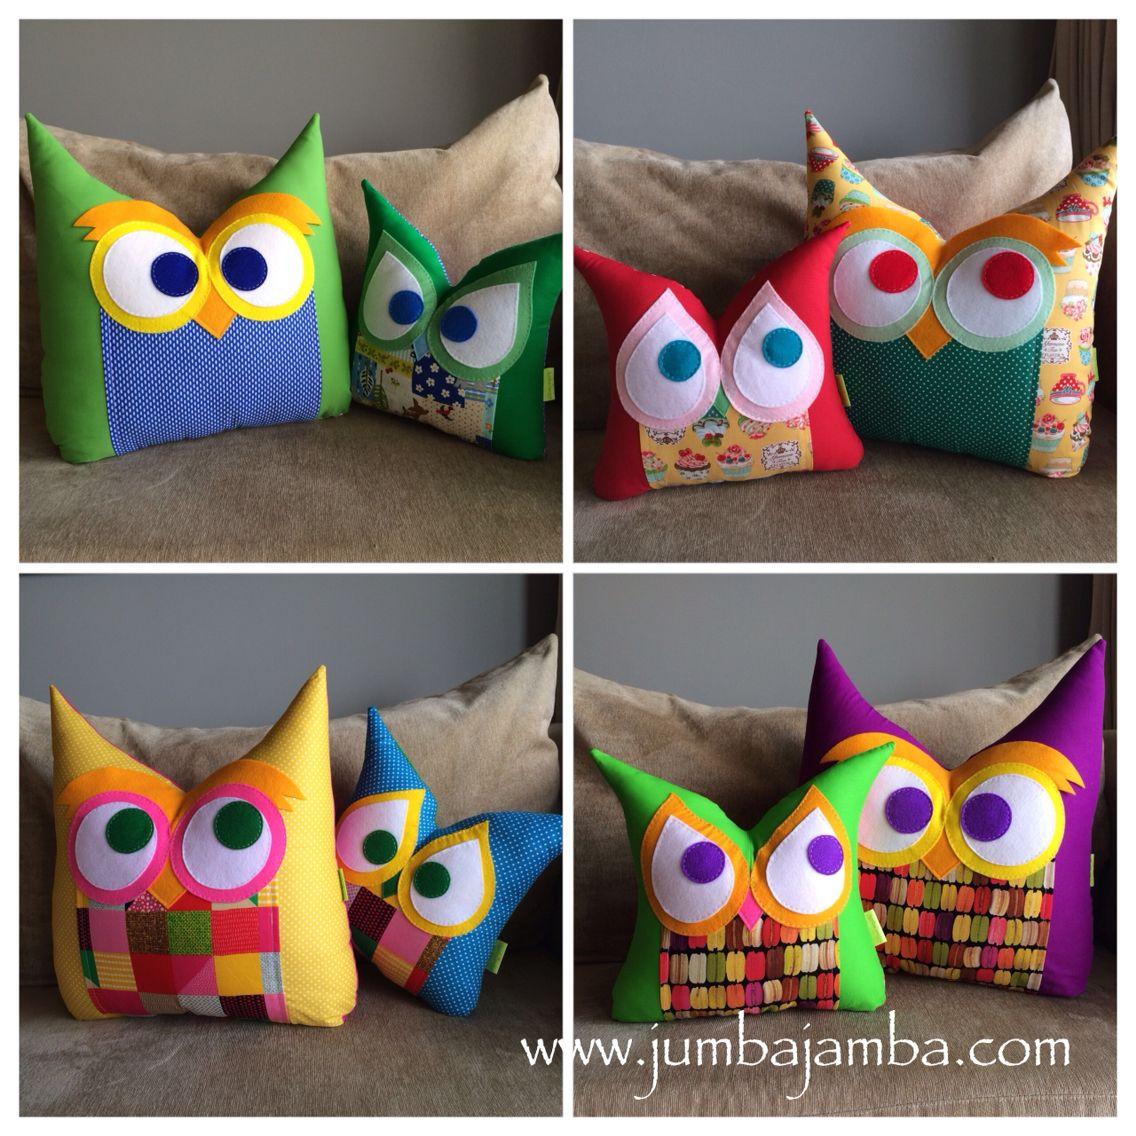 JumbaJamba Animal Pillows - www.jumbajamba.com